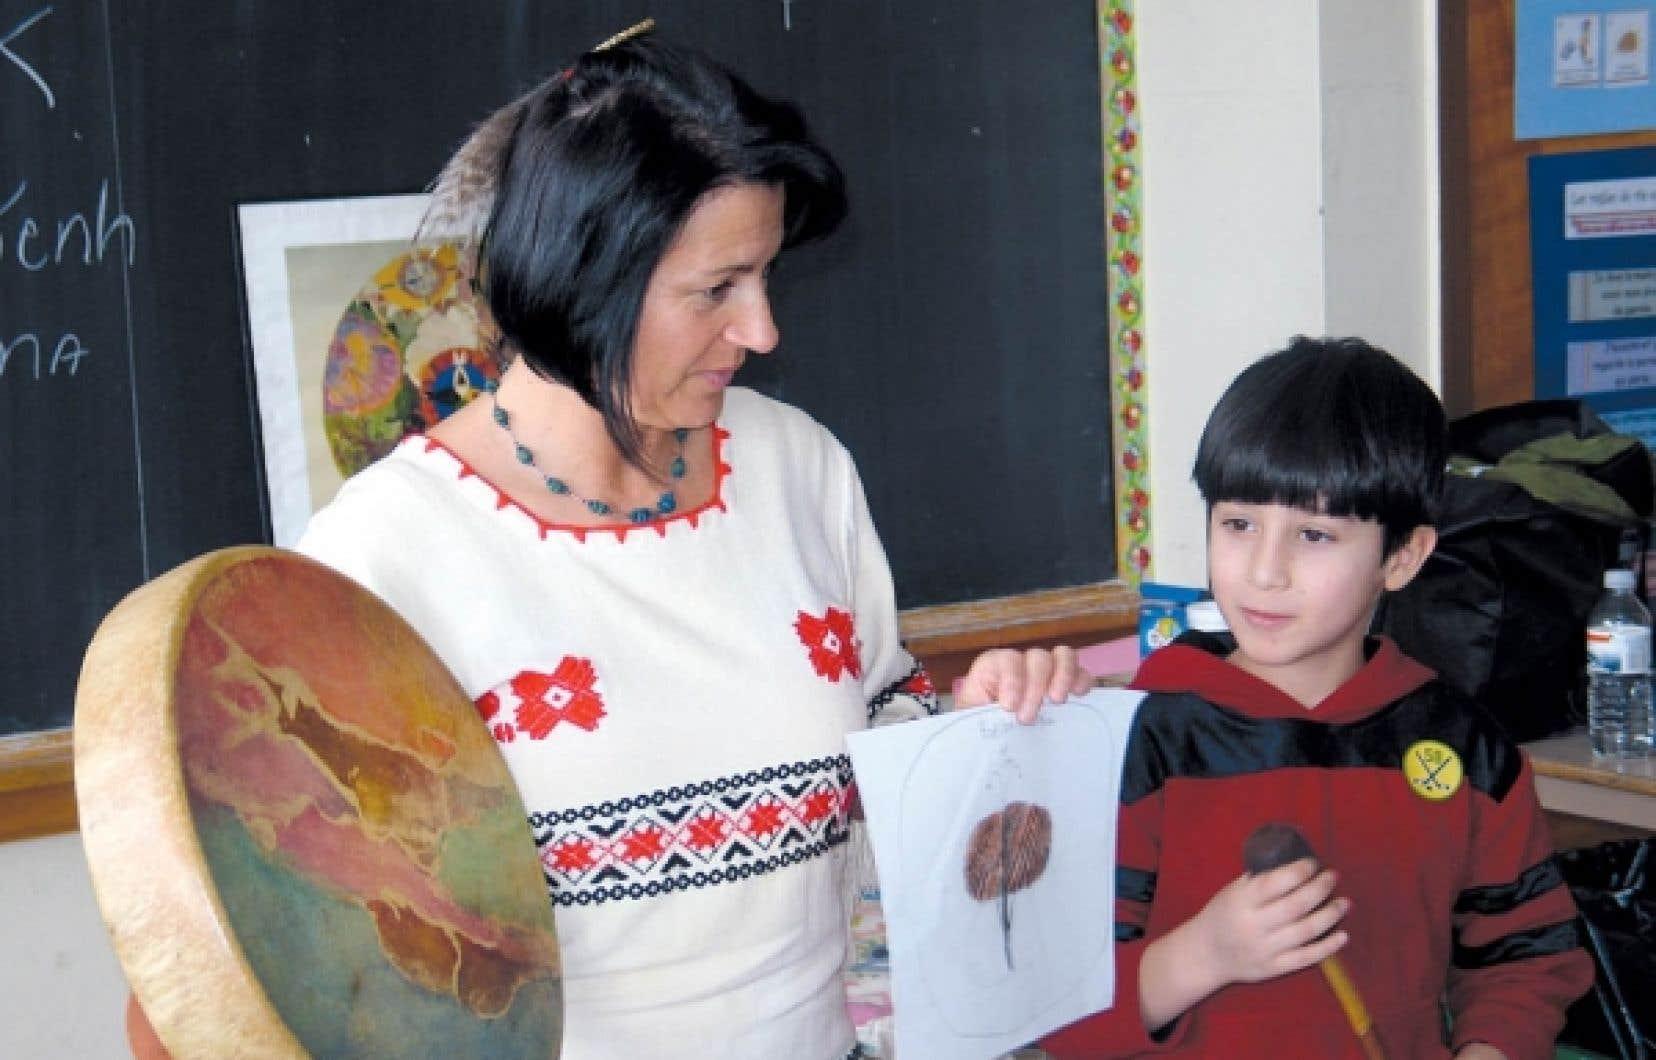 Au Mus&eacute;e de Lachine, Dolor&egrave;s Contr&eacute; a pour objectif d&rsquo;initier les enfants aux modes de vie traditionnels&nbsp; des Iroquoiens et des Algonquiens.<br />